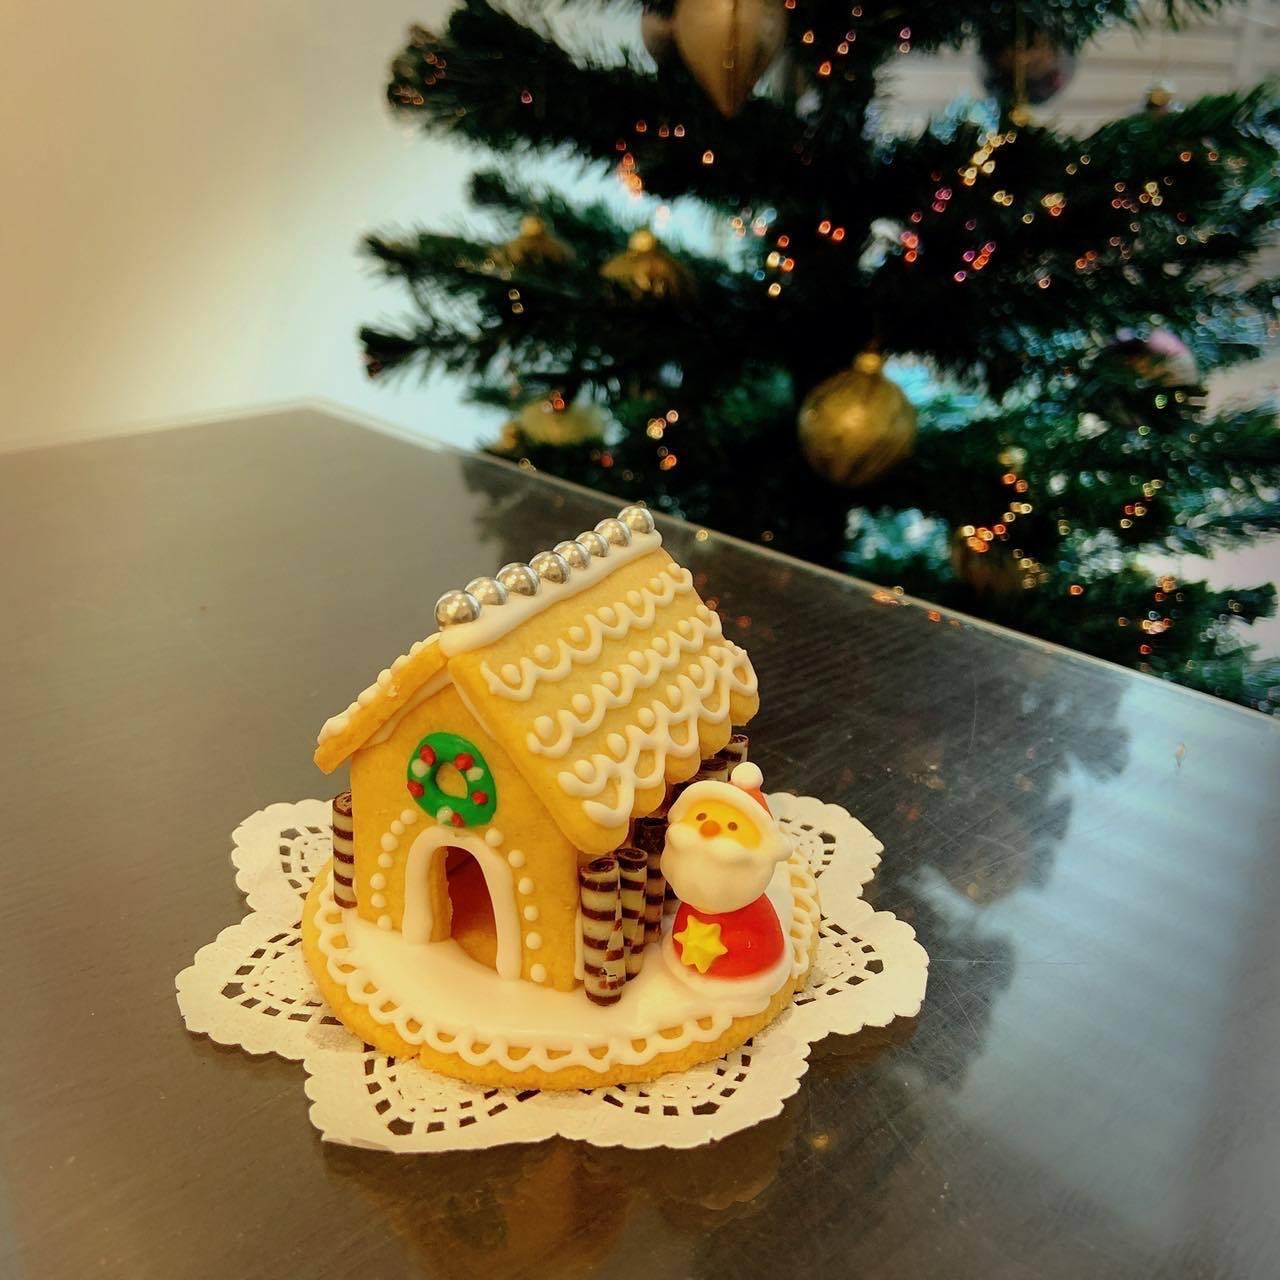 【横浜港北】クリスマスインテリアマーケット-ヘクセンハウス-|2020年12月6日(日)